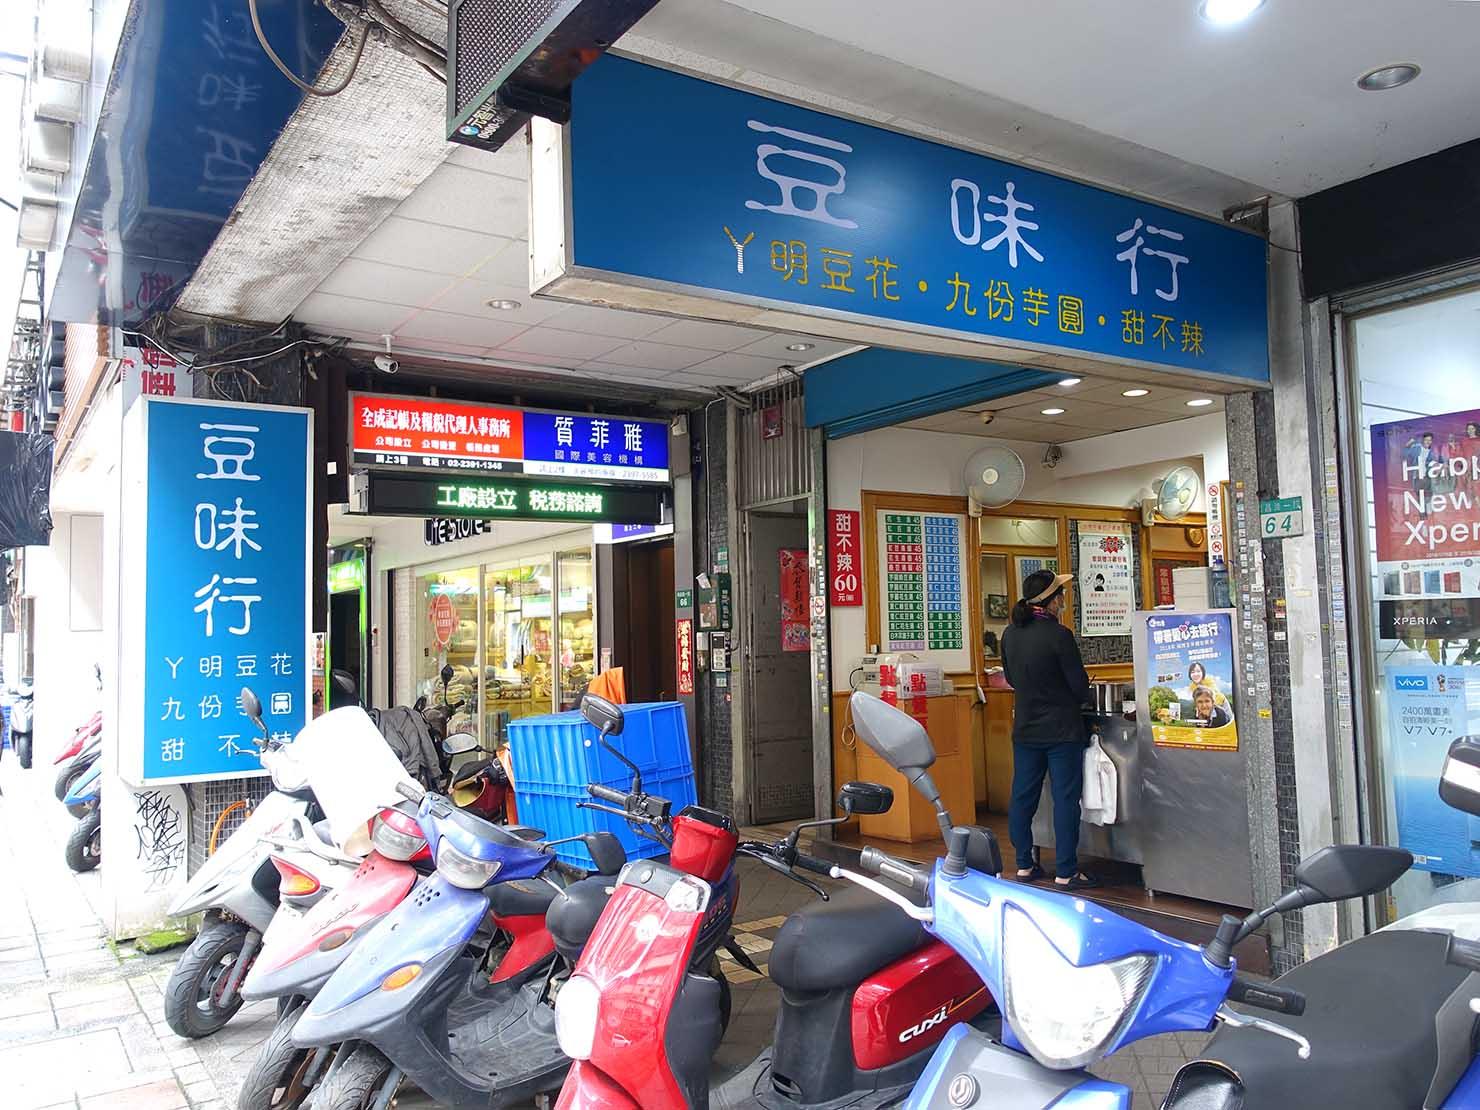 台北・中正紀念堂のおすすめグルメ店「豆味行」の外観